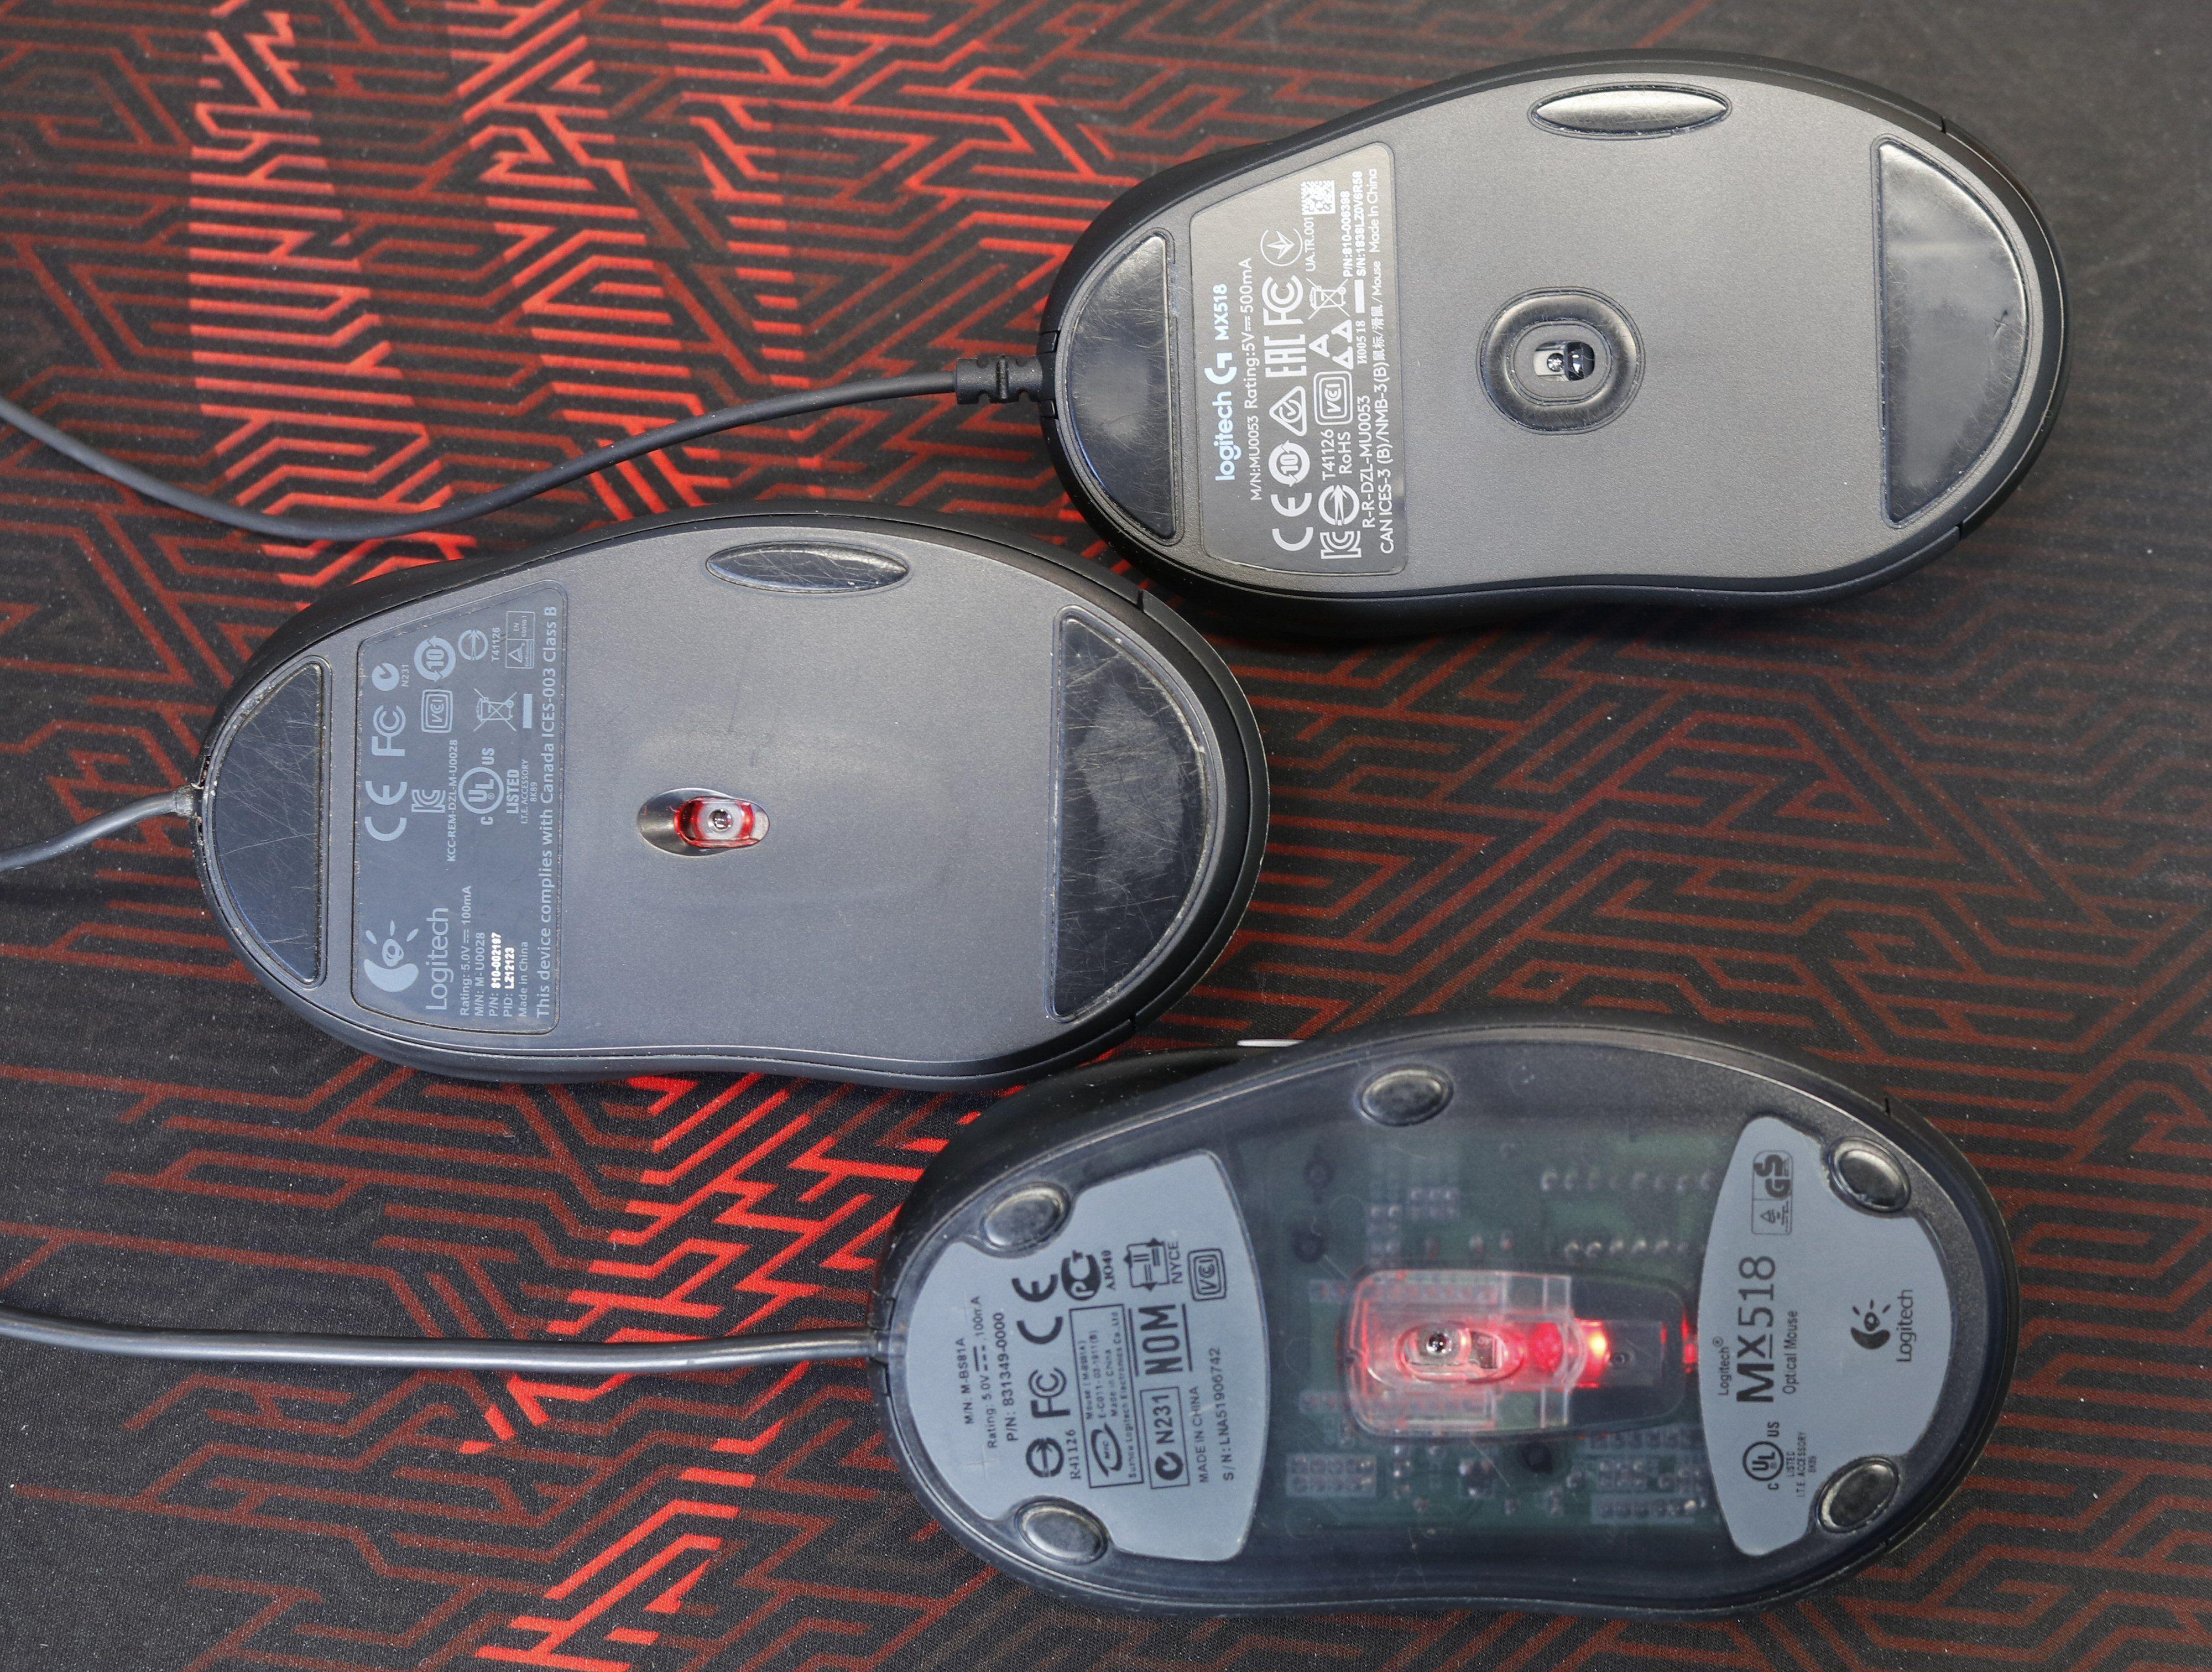 Den originale MX518 hadde fem små gliføtter. På de nyere utgavene er det større flater som gjelder. G400 i midten. Nye G MX518 øverst har fått dette rundt sensoren også.